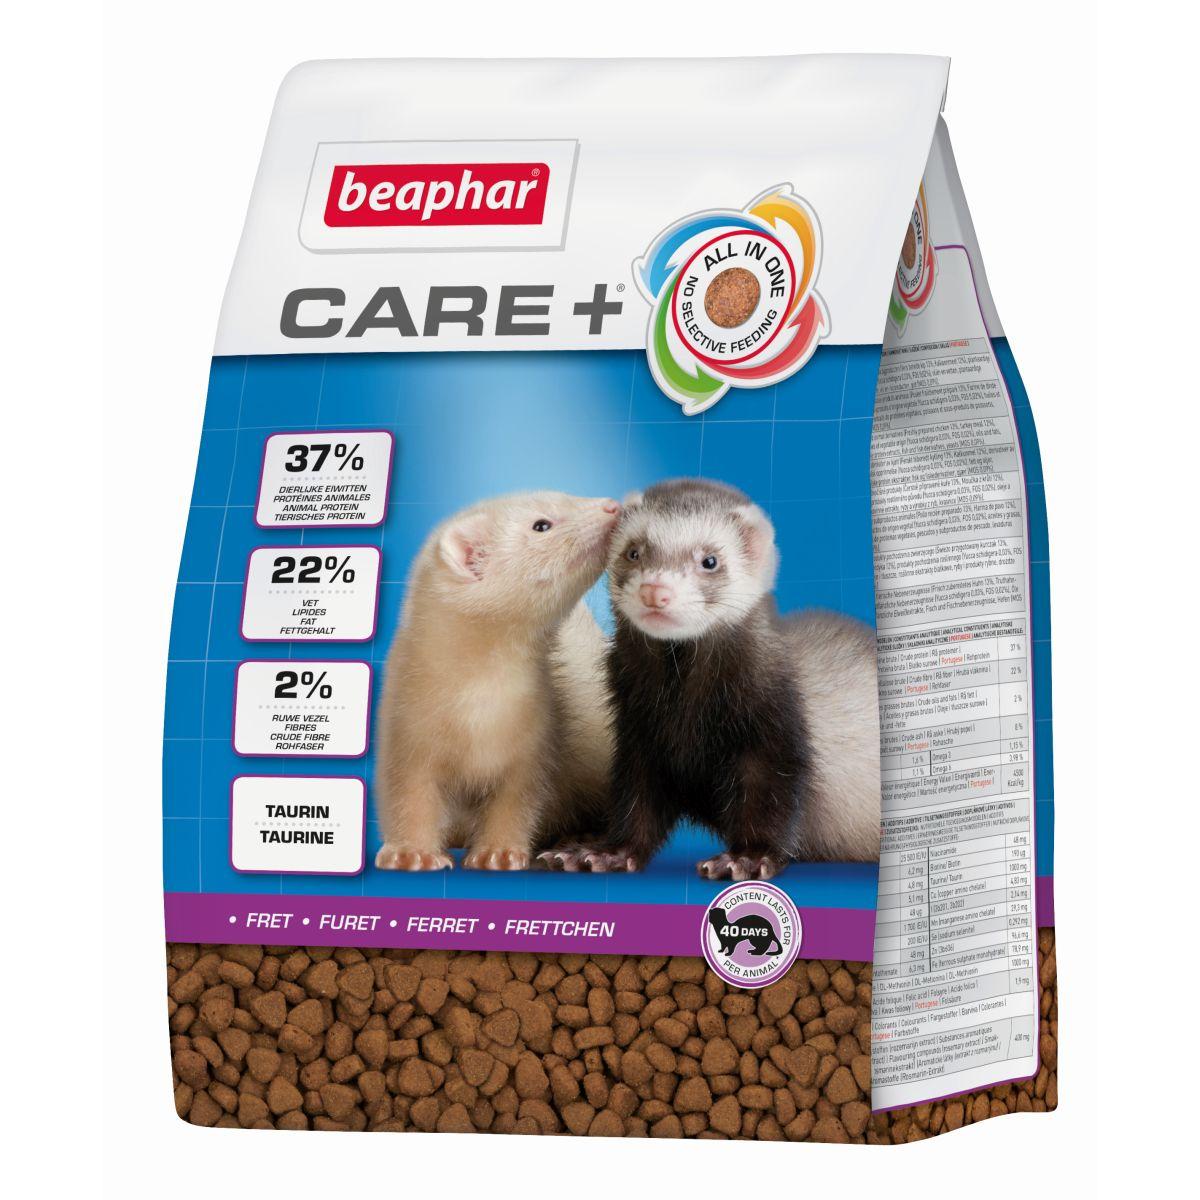 Beaphar - care+ fret meerkleurig 2 kg